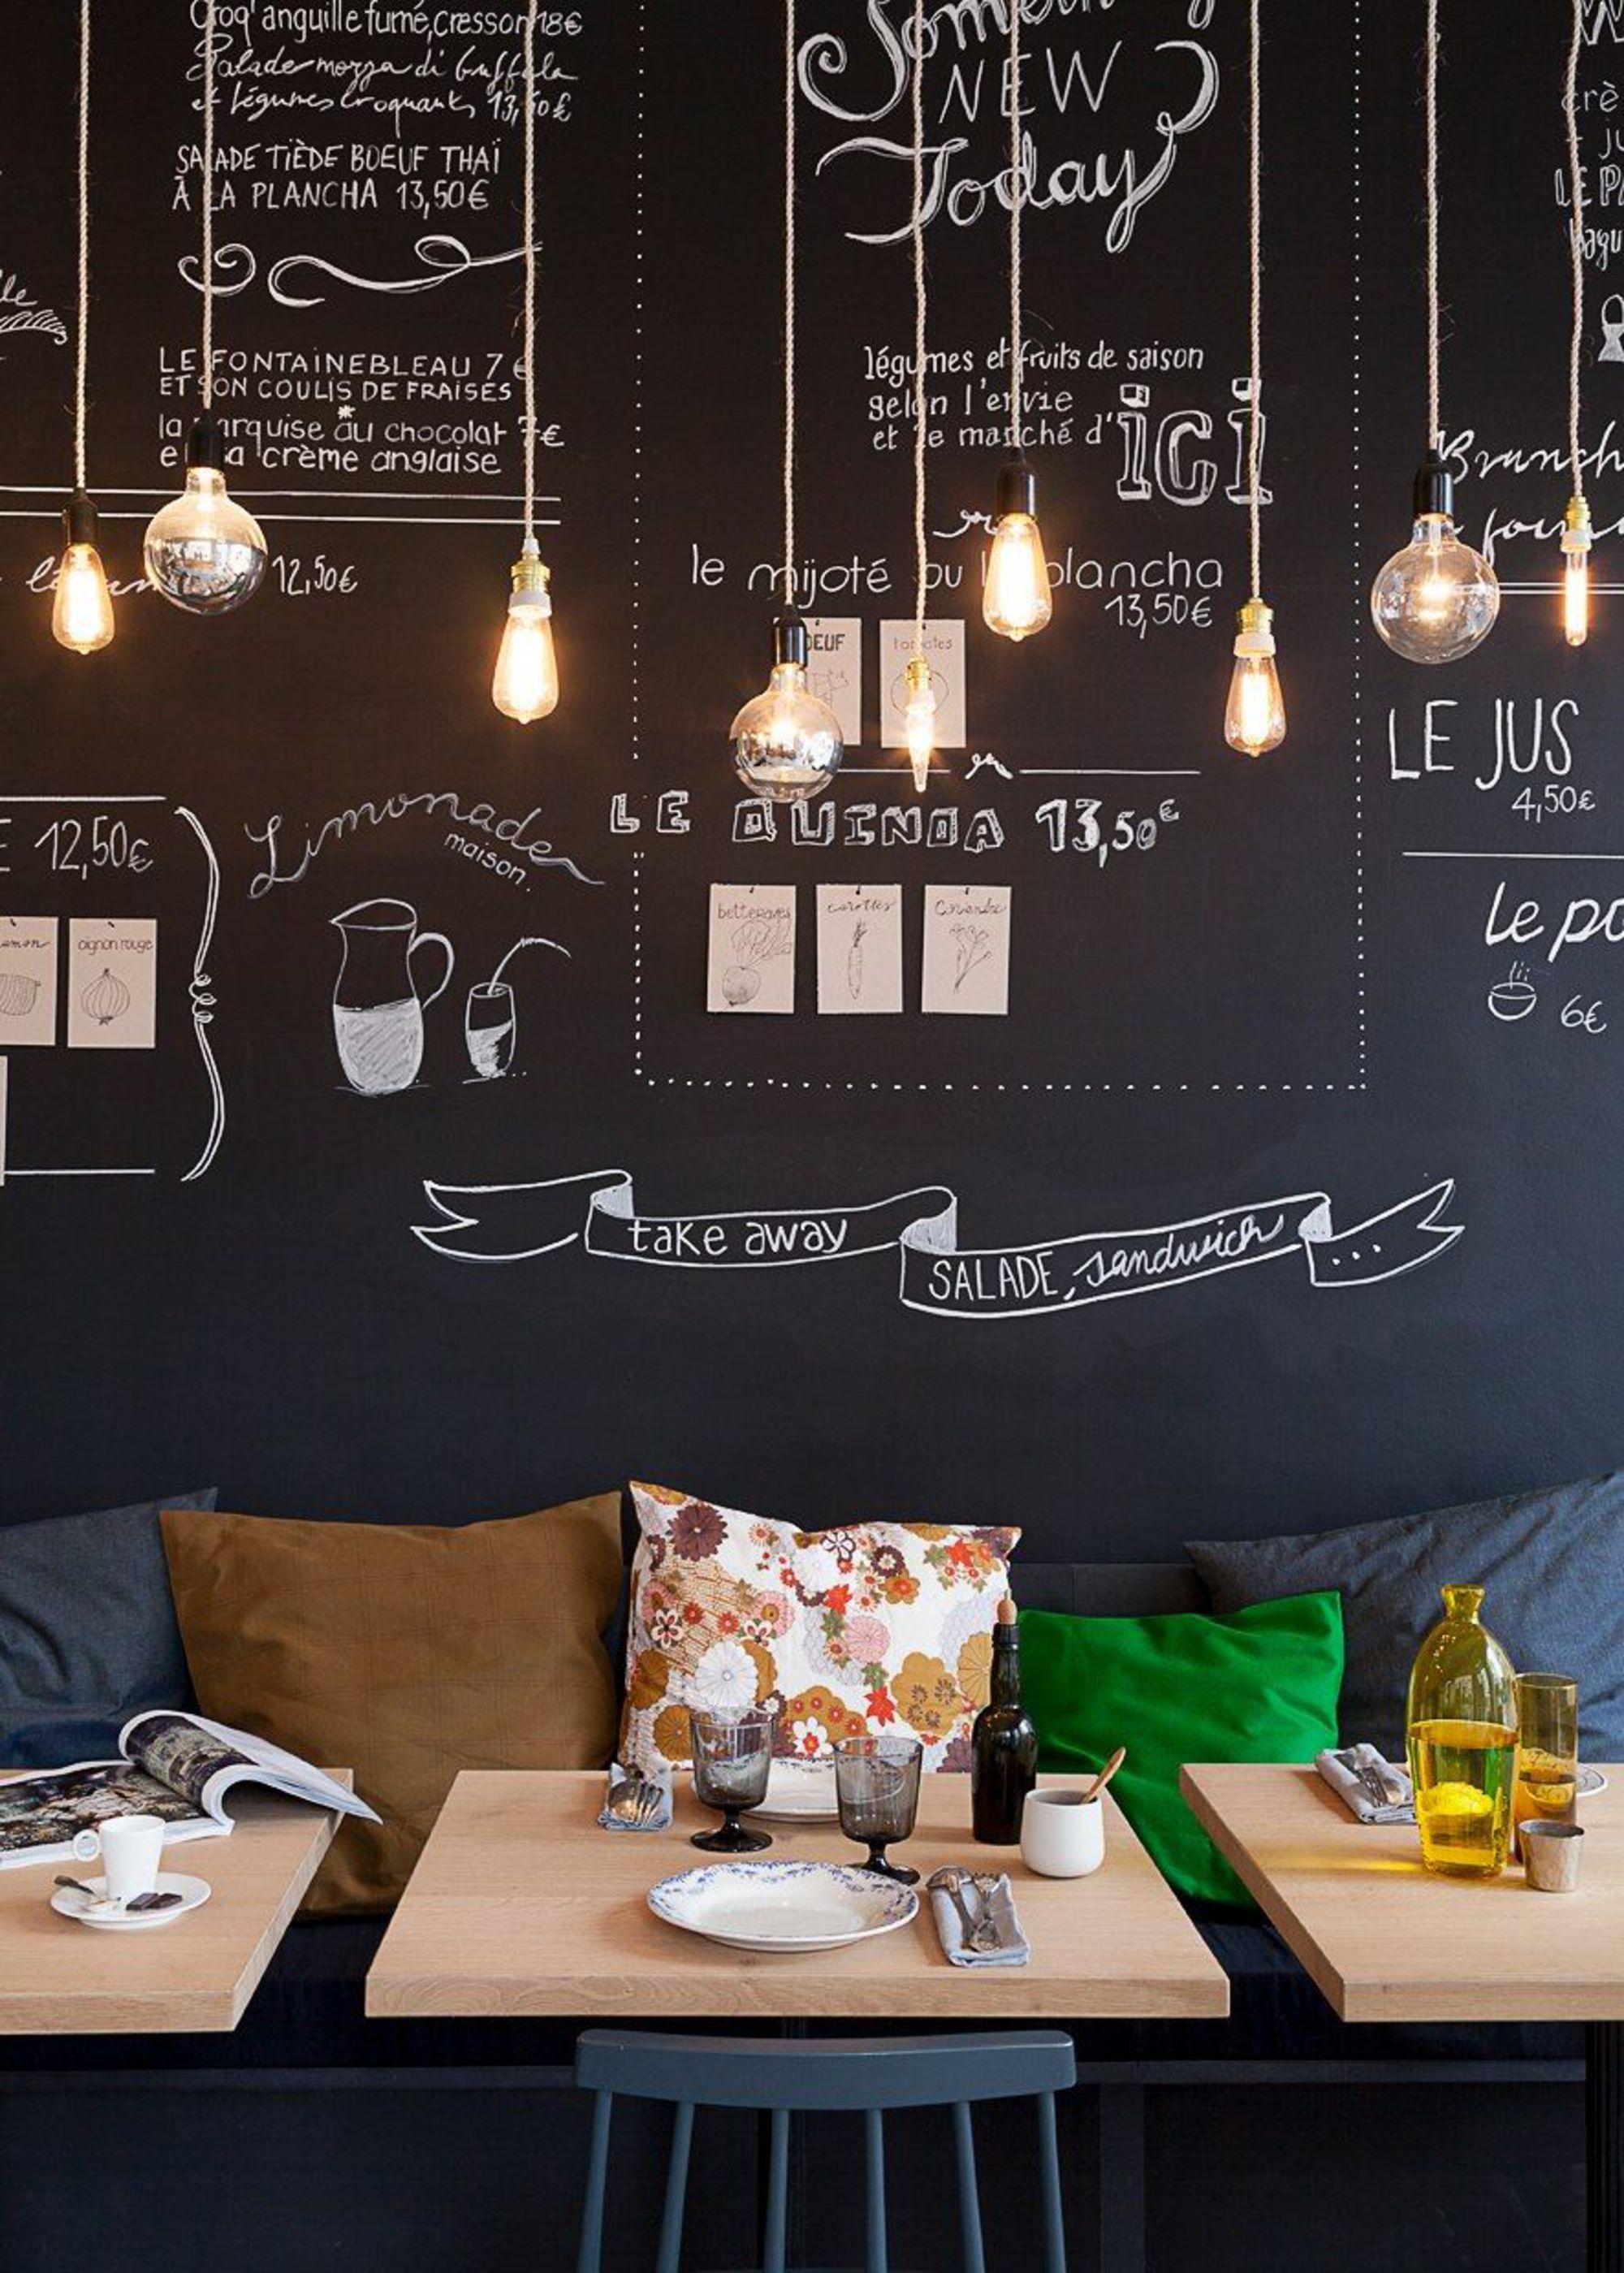 Deco cuisine bistrot : 12 idées déco | Restaurants, Bar and Cafes